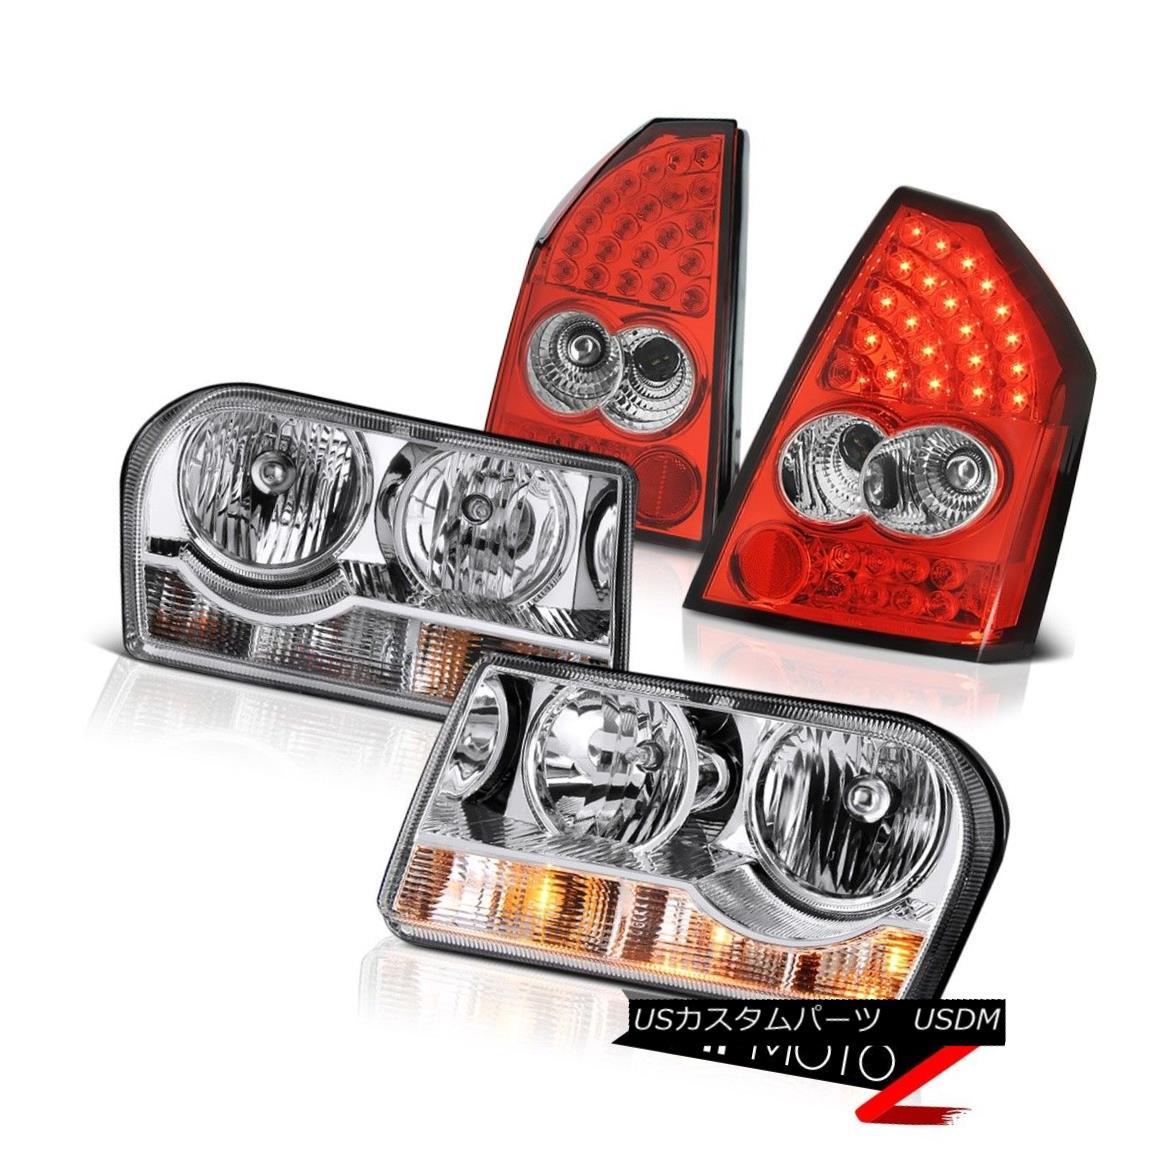 テールライト 2005-2007 Chrysler 300 Left Right Headlights Rosso Red Rear Driving Tail Lights 2005-2007クライスラー300左ライトヘッドライトロッソレッドリアドライビングテールライト